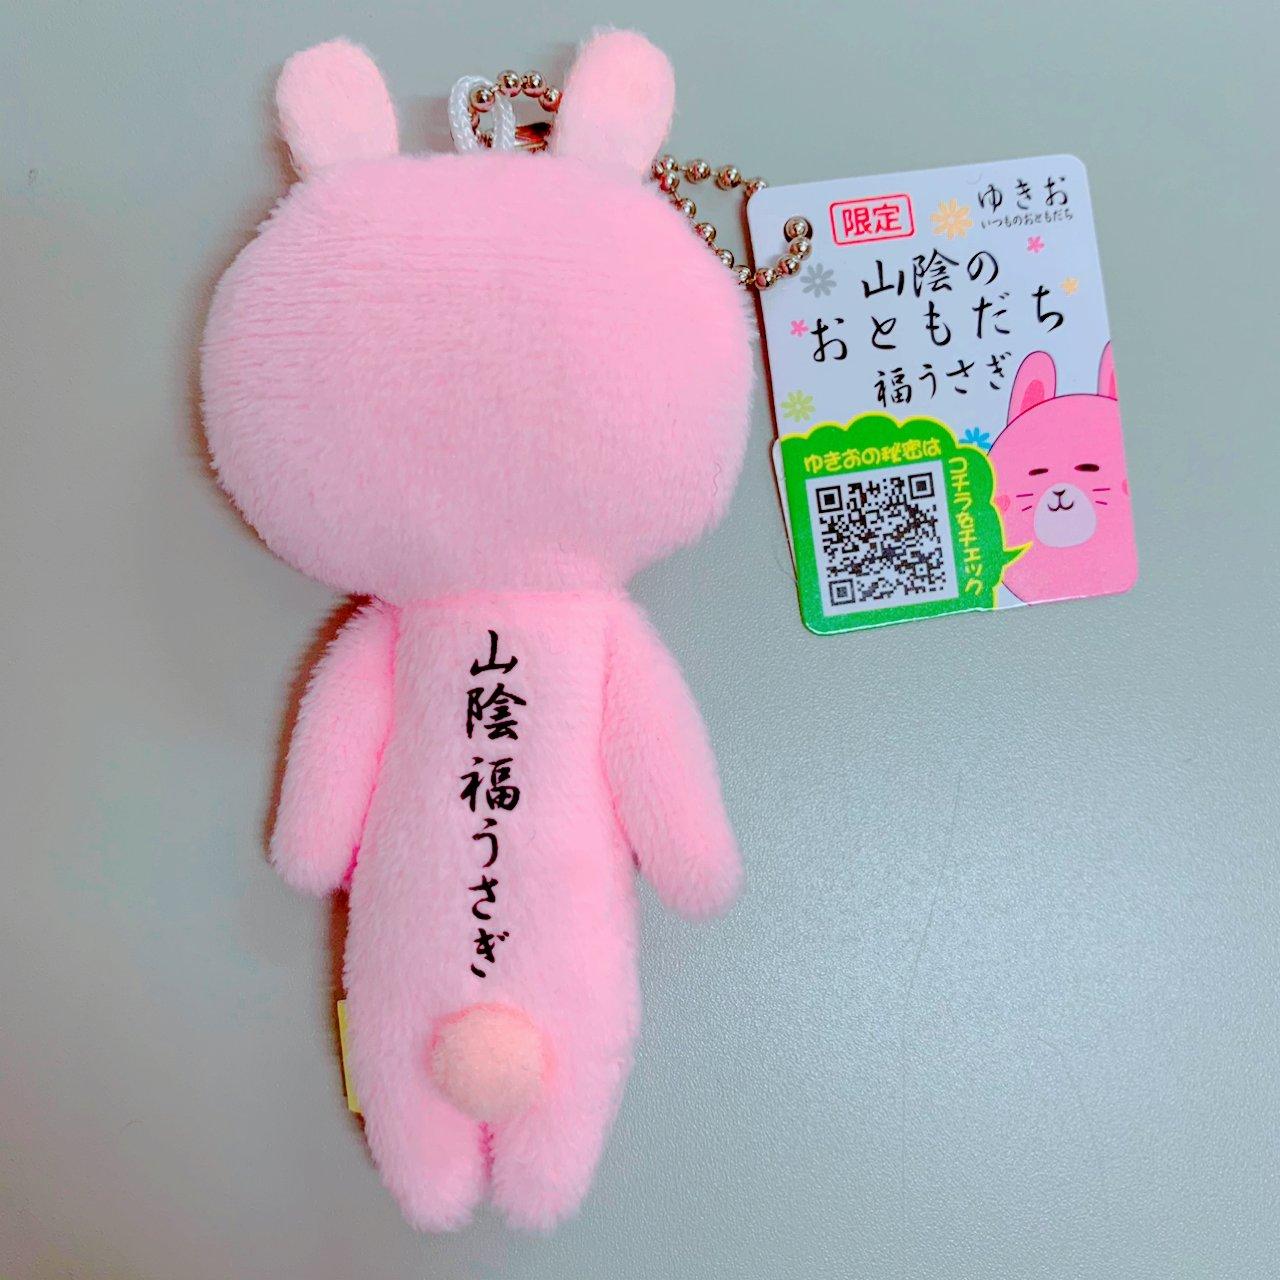 【山陰限定】ゆきおシリーズ・福うさぎ